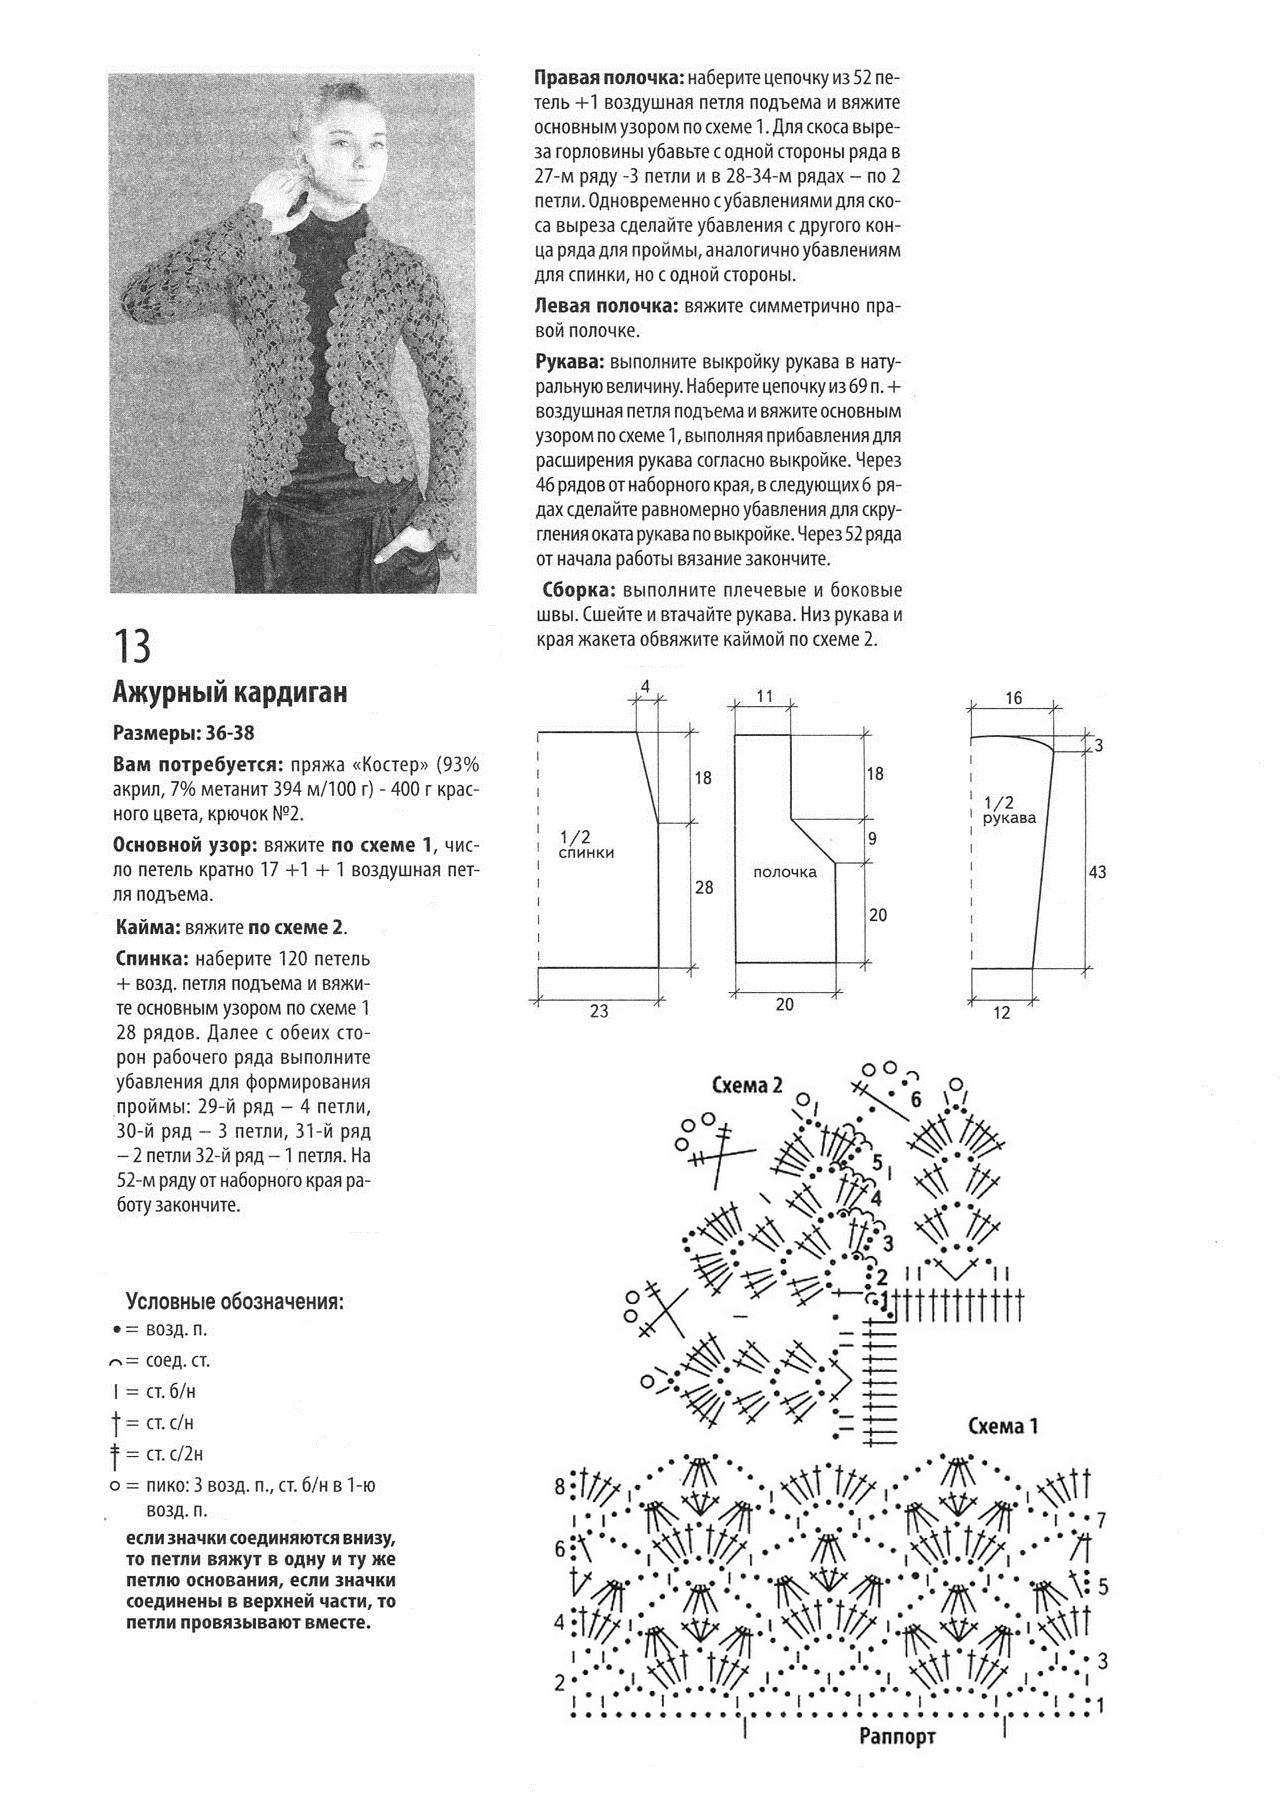 Вязание крючком кардиган с схемой ажурный